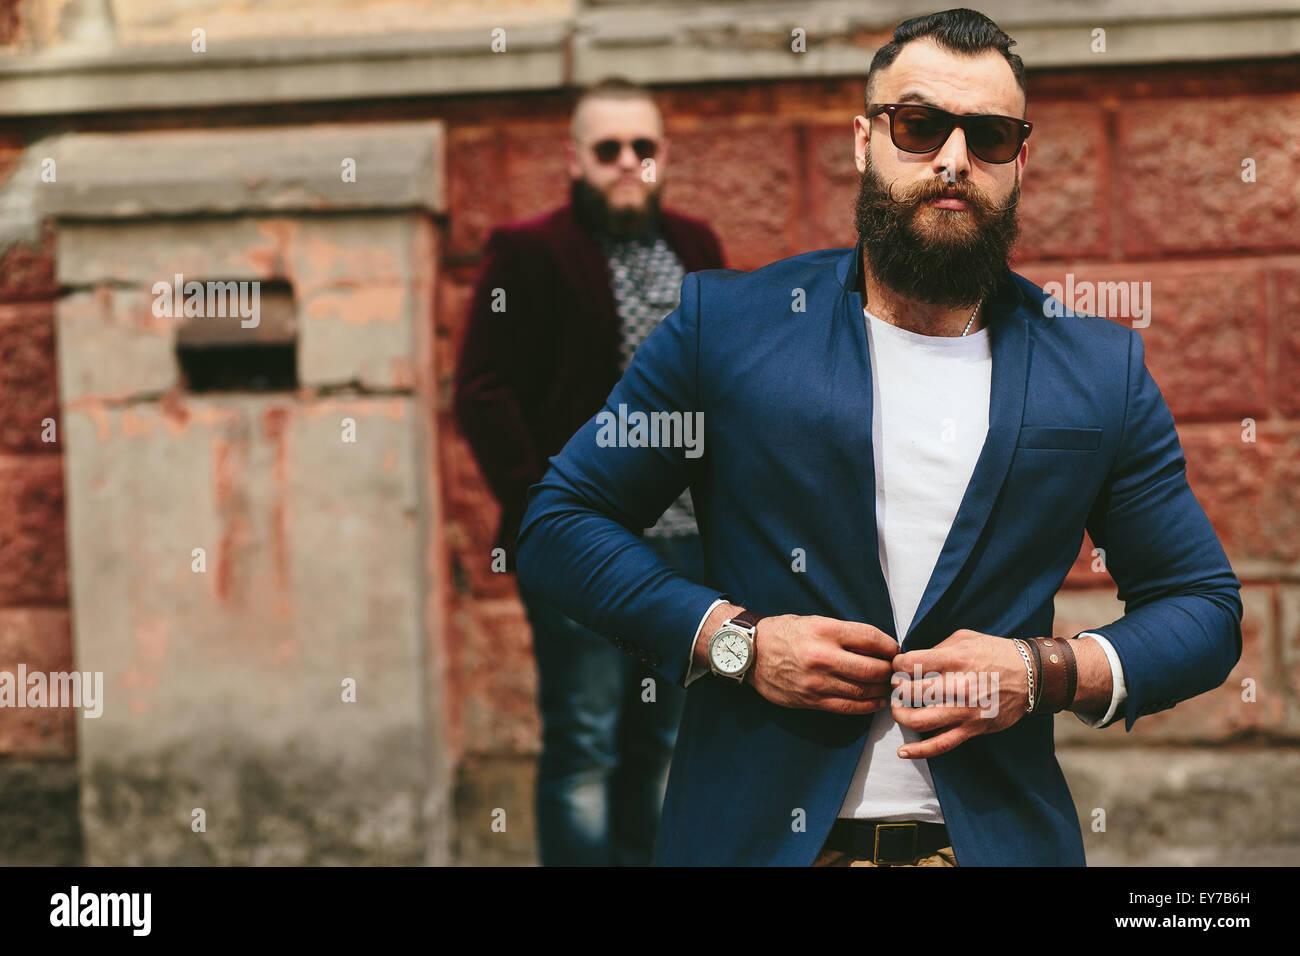 Deux hommes barbus sur le contexte de l'autre Photo Stock